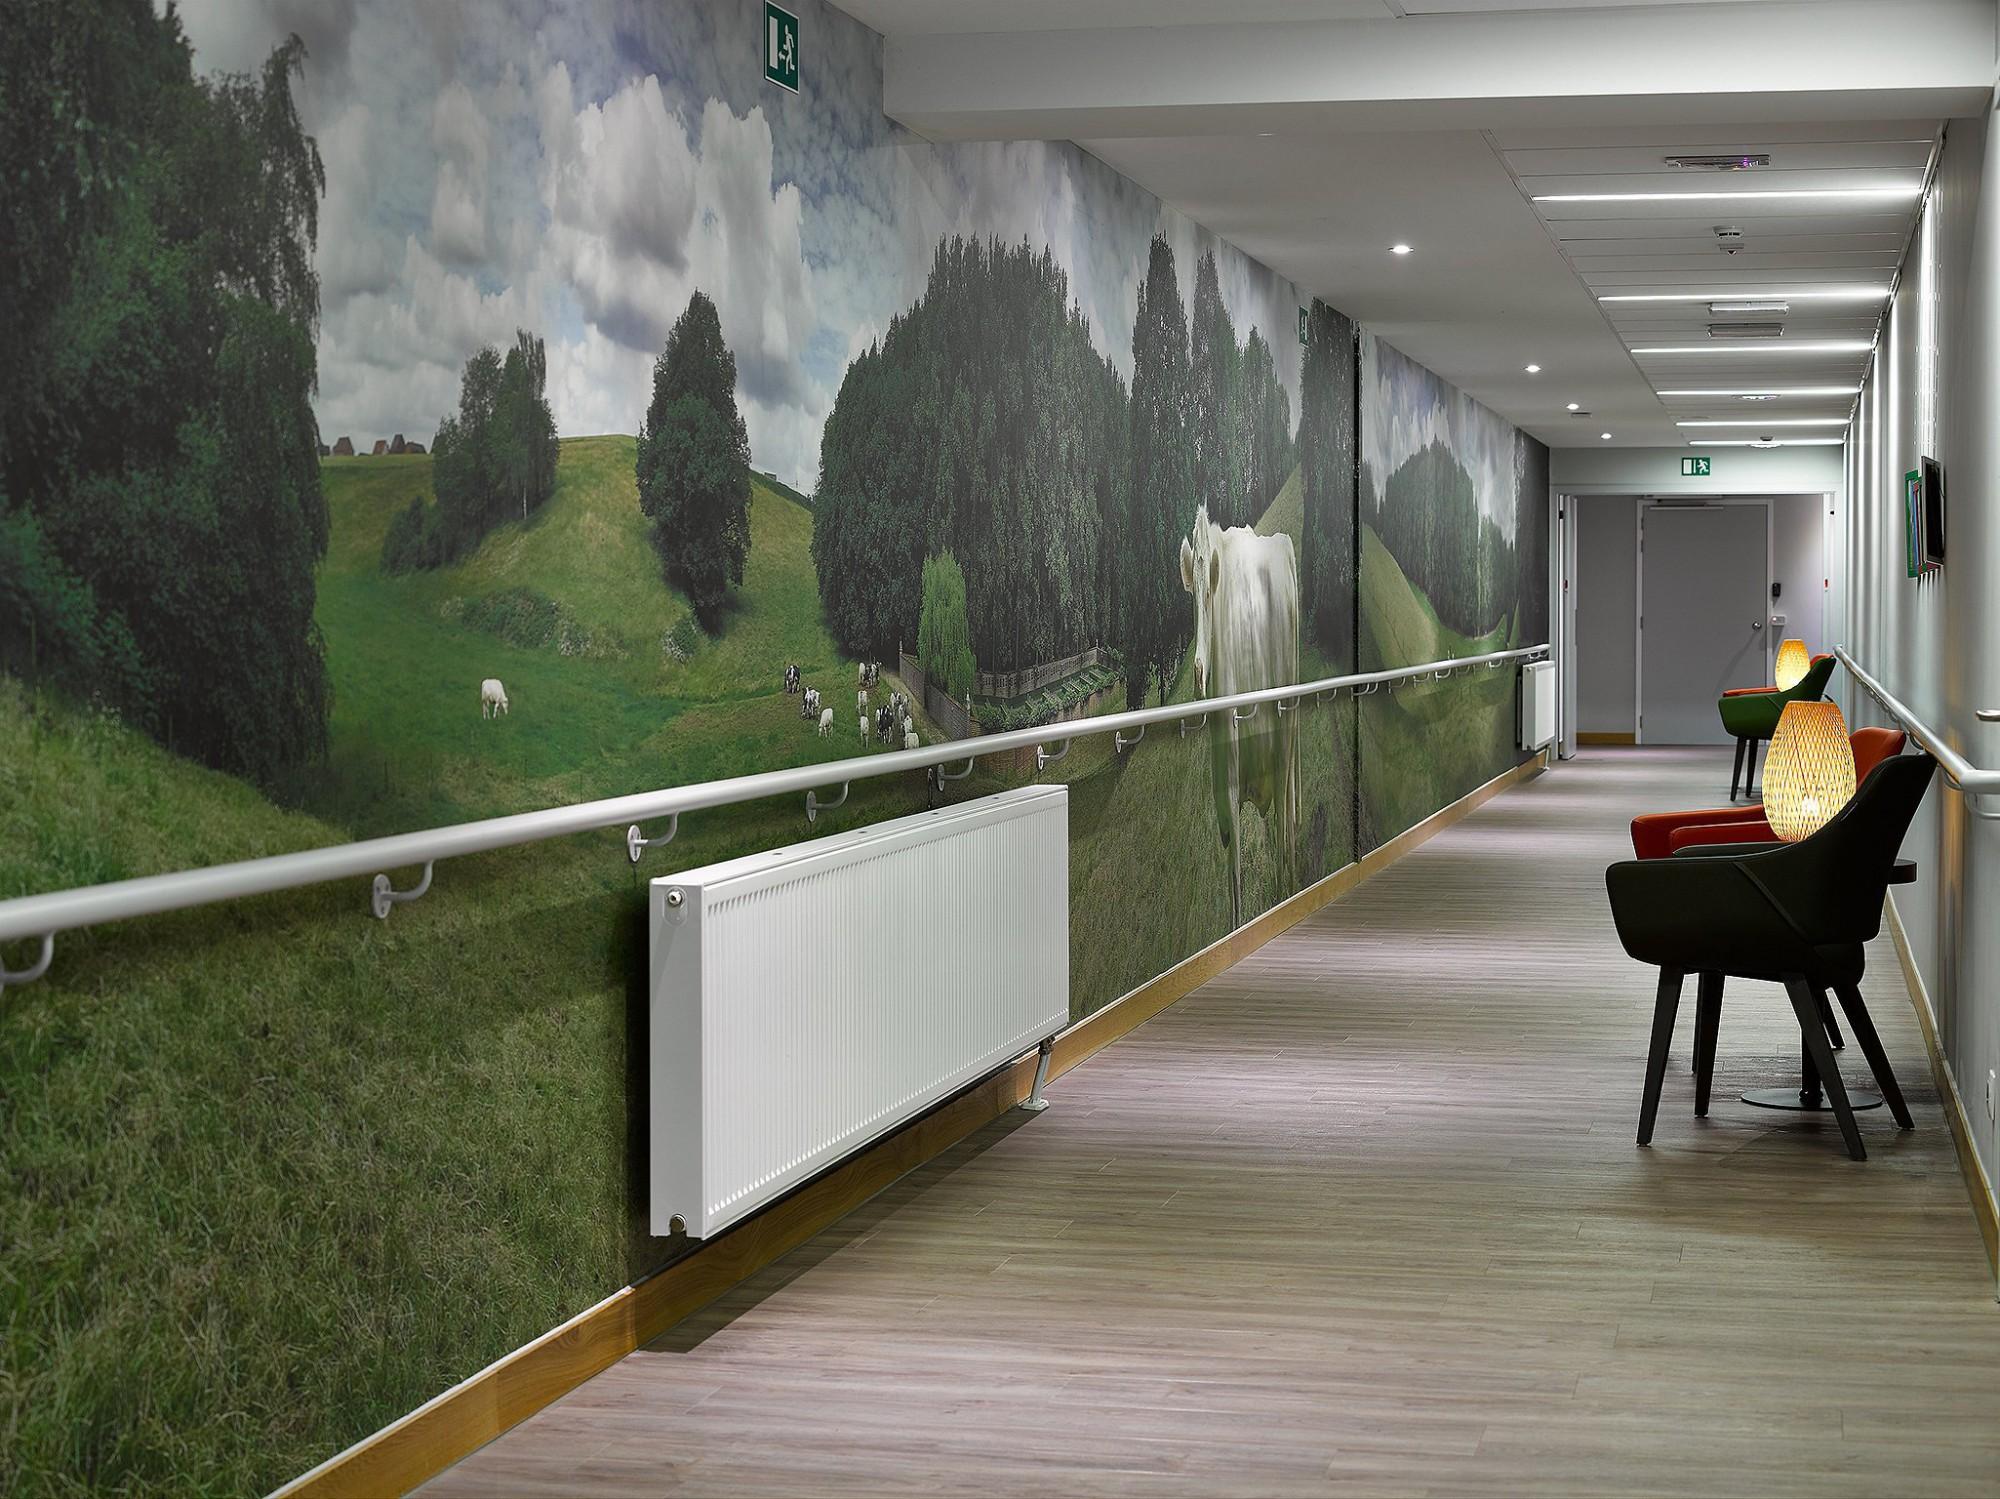 Afbeelding: Realisatie van een panoramische foto van 29 x 2,5 meter voor het t'keyhof te Huldenberg.